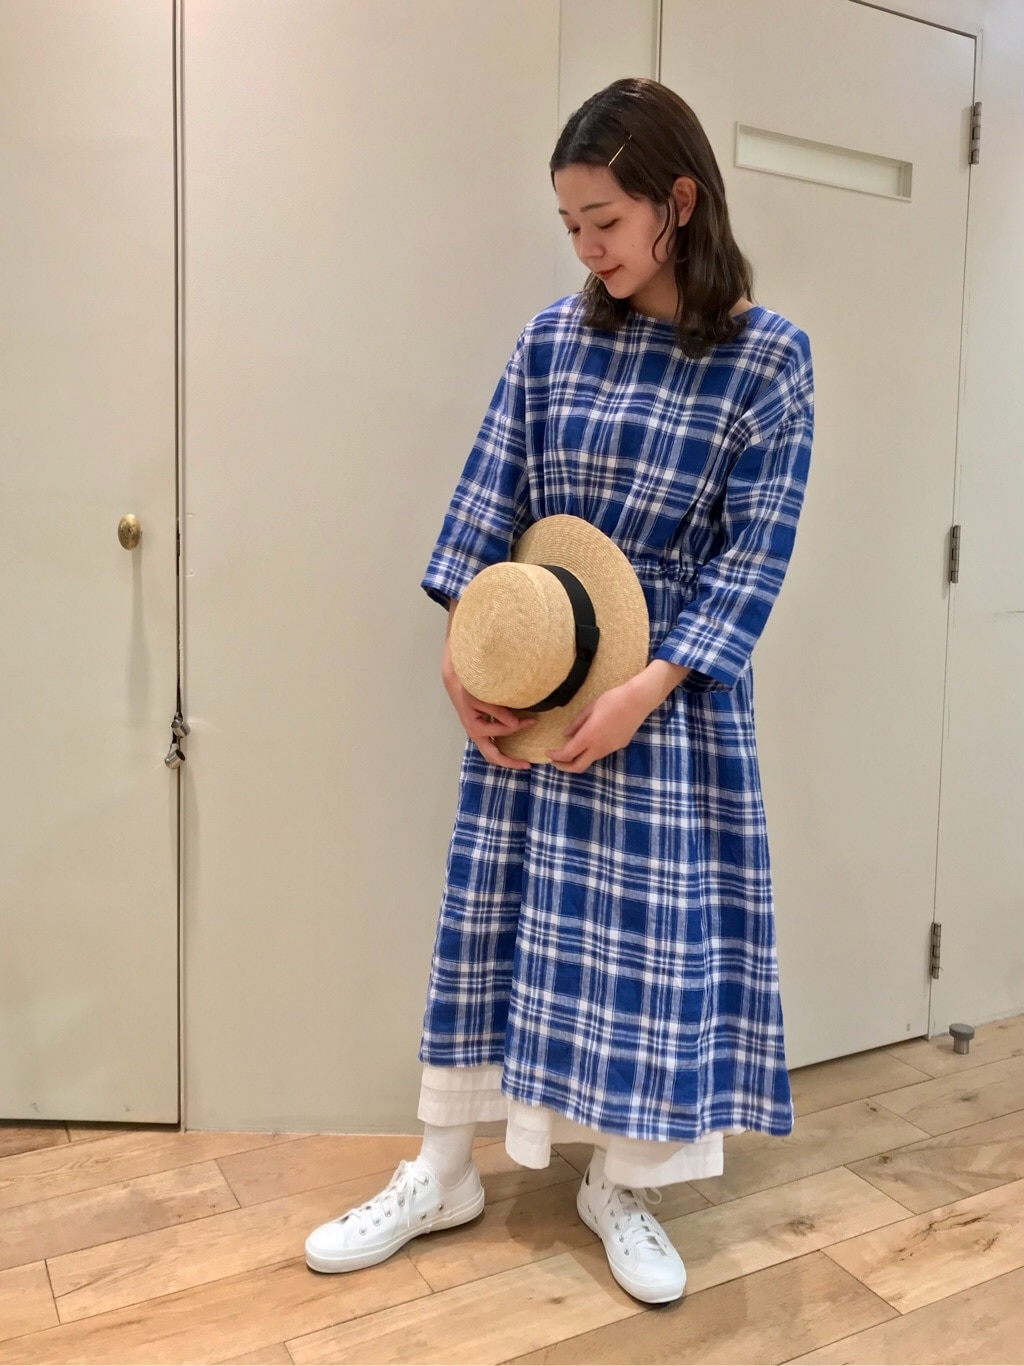 l'atelier du savon 東京スカイツリータウン・ソラマチ 身長:154cm 2021.03.25